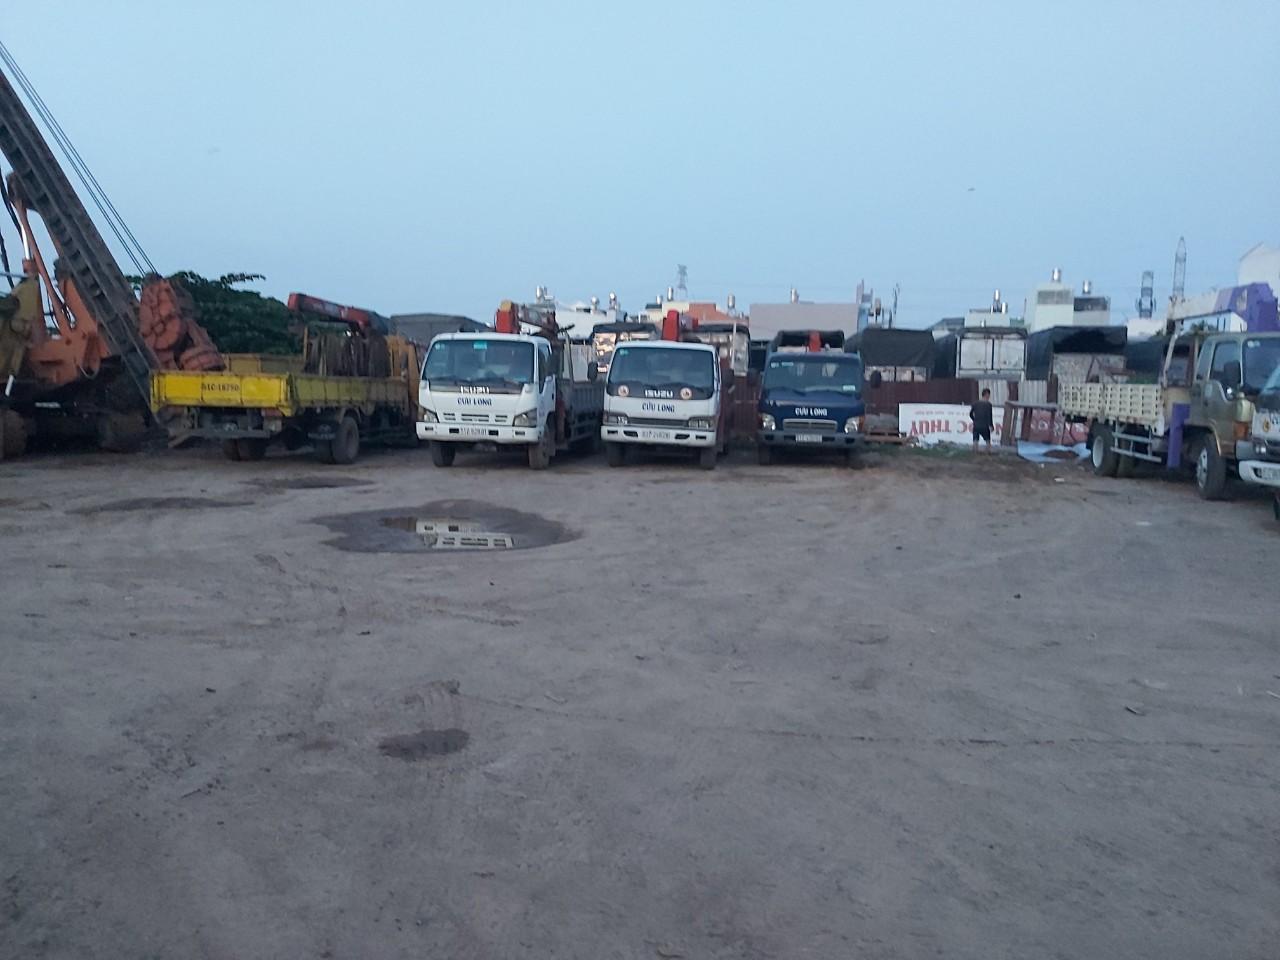 Dịch vụ chở hàng thuê bằng xe tải - cẩu hàng thuê - chuyển nhà - chuyển trọ uy tín và chuyên nghiệp